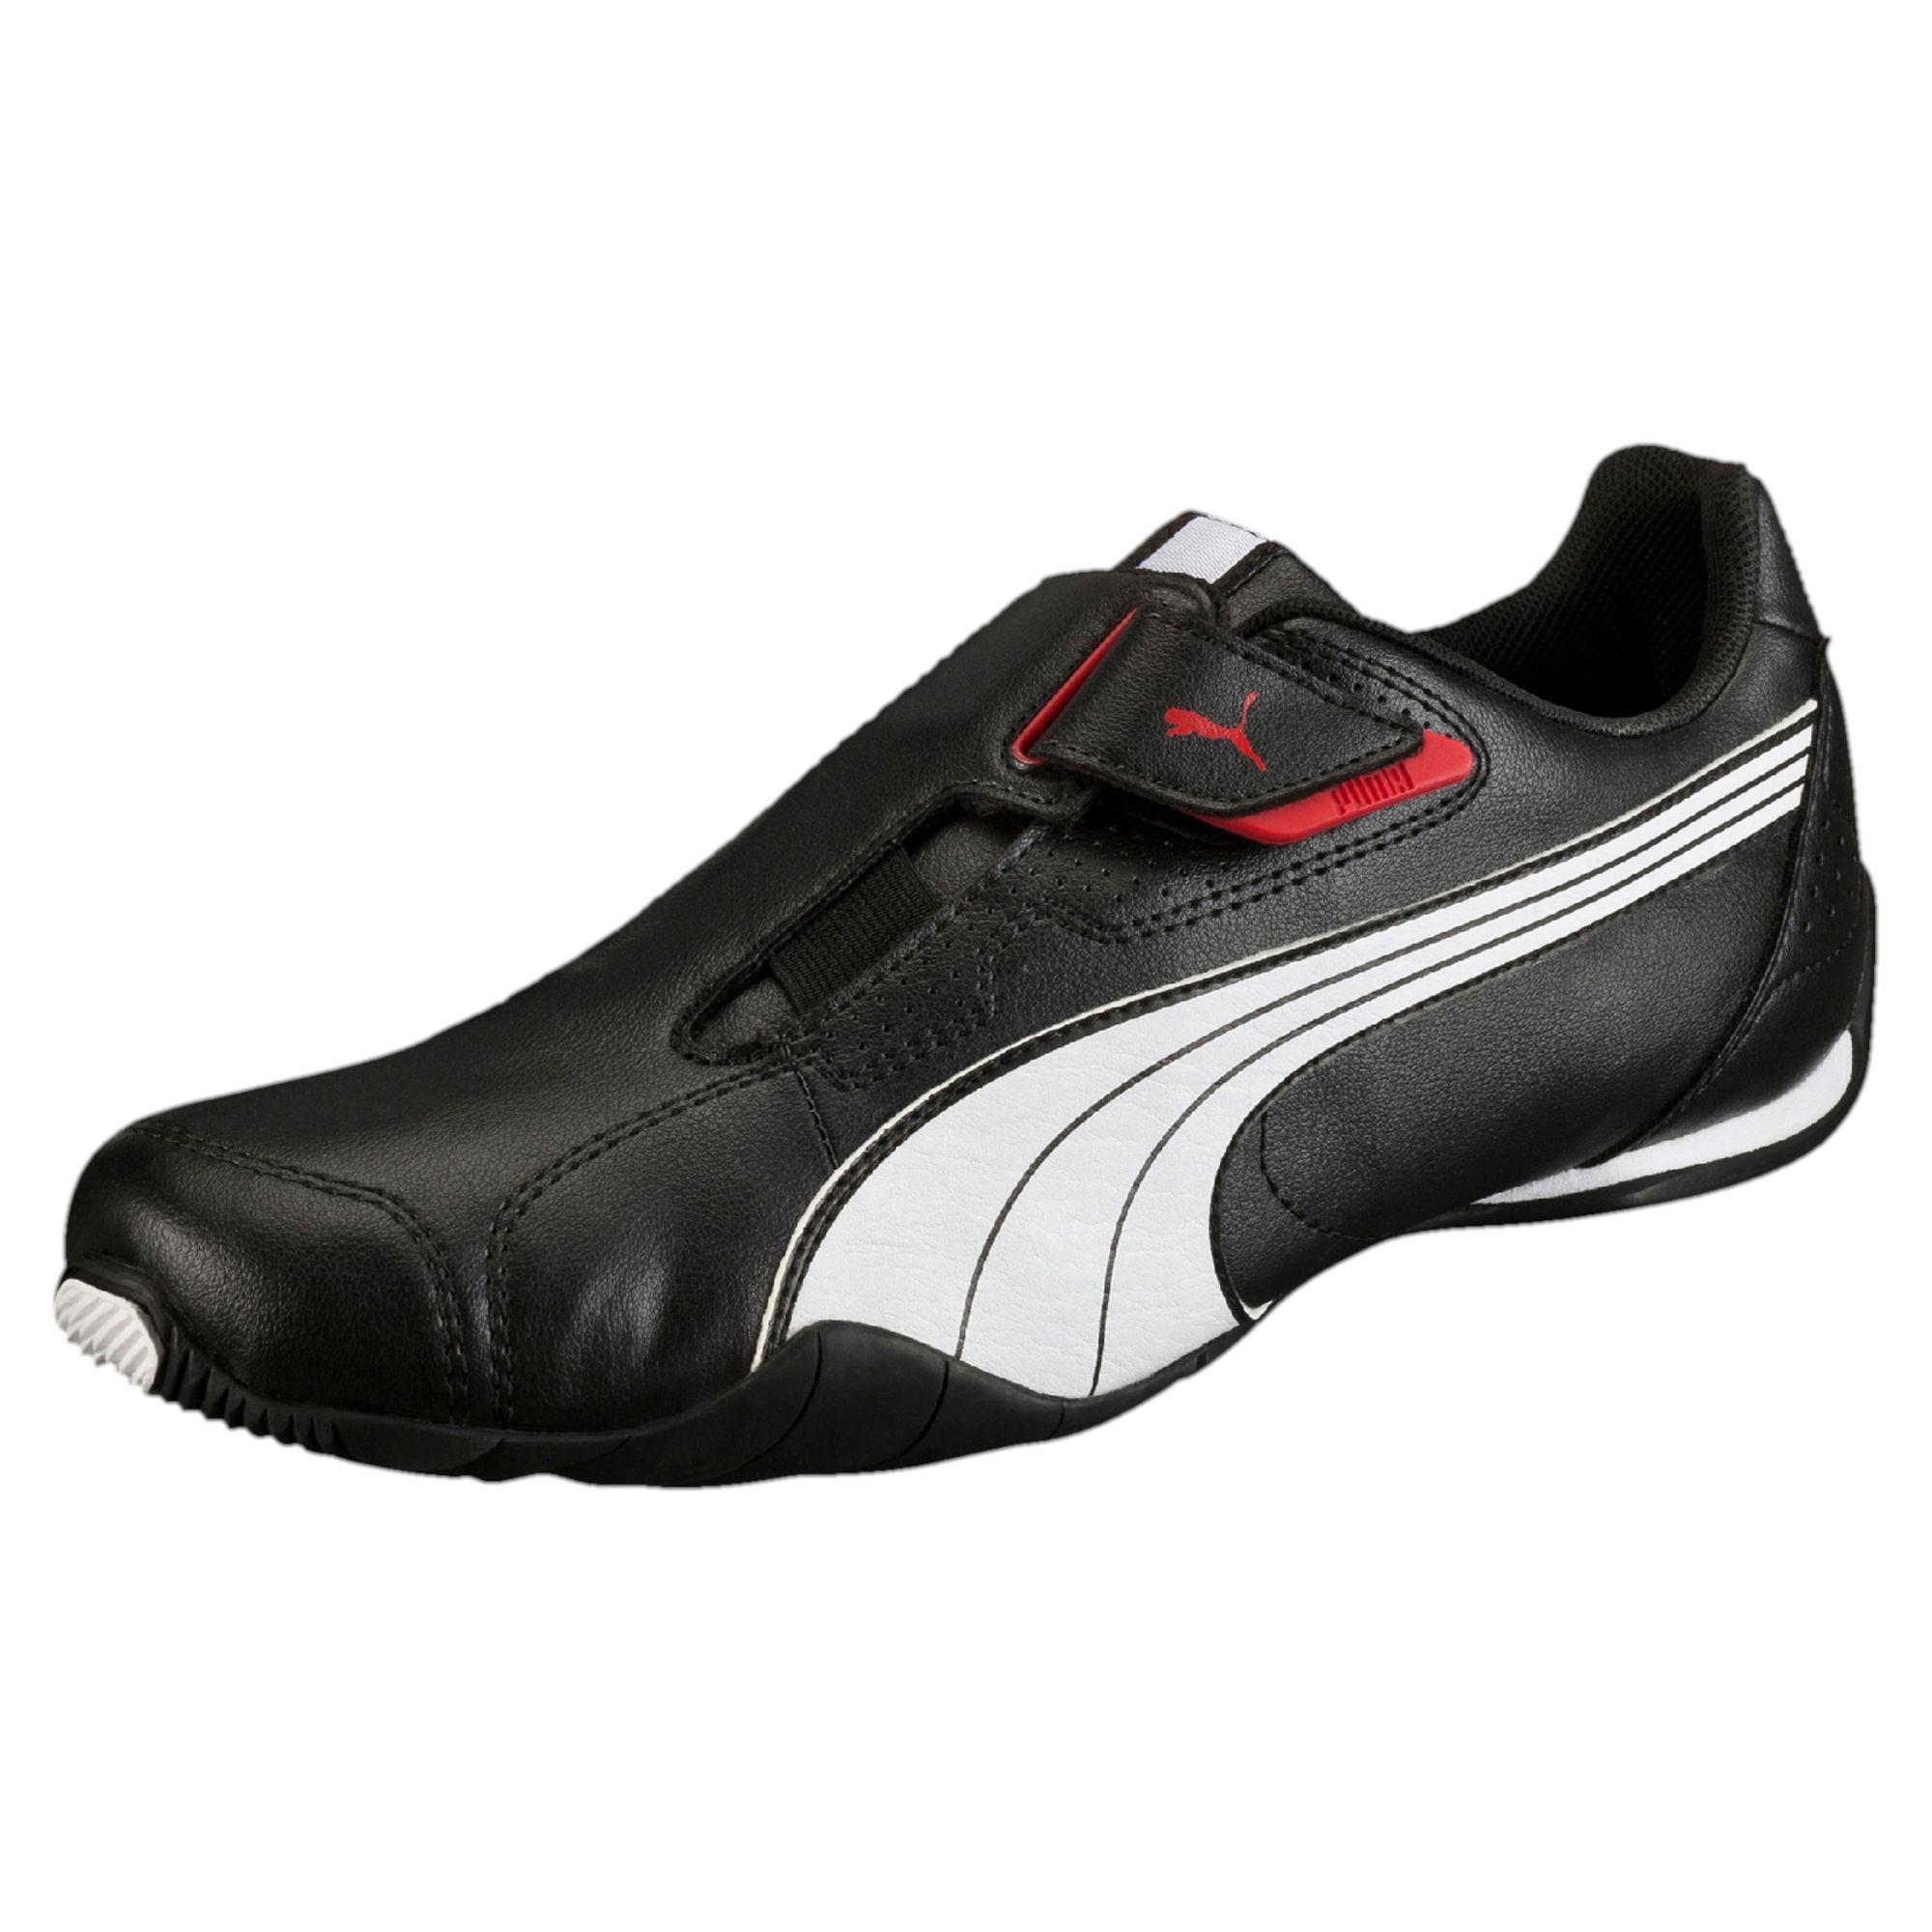 Scarpe da ginnastica Puma Redon Nero UK 11 UK 10 da Uomo Nuovo in Scatola ULTIMO